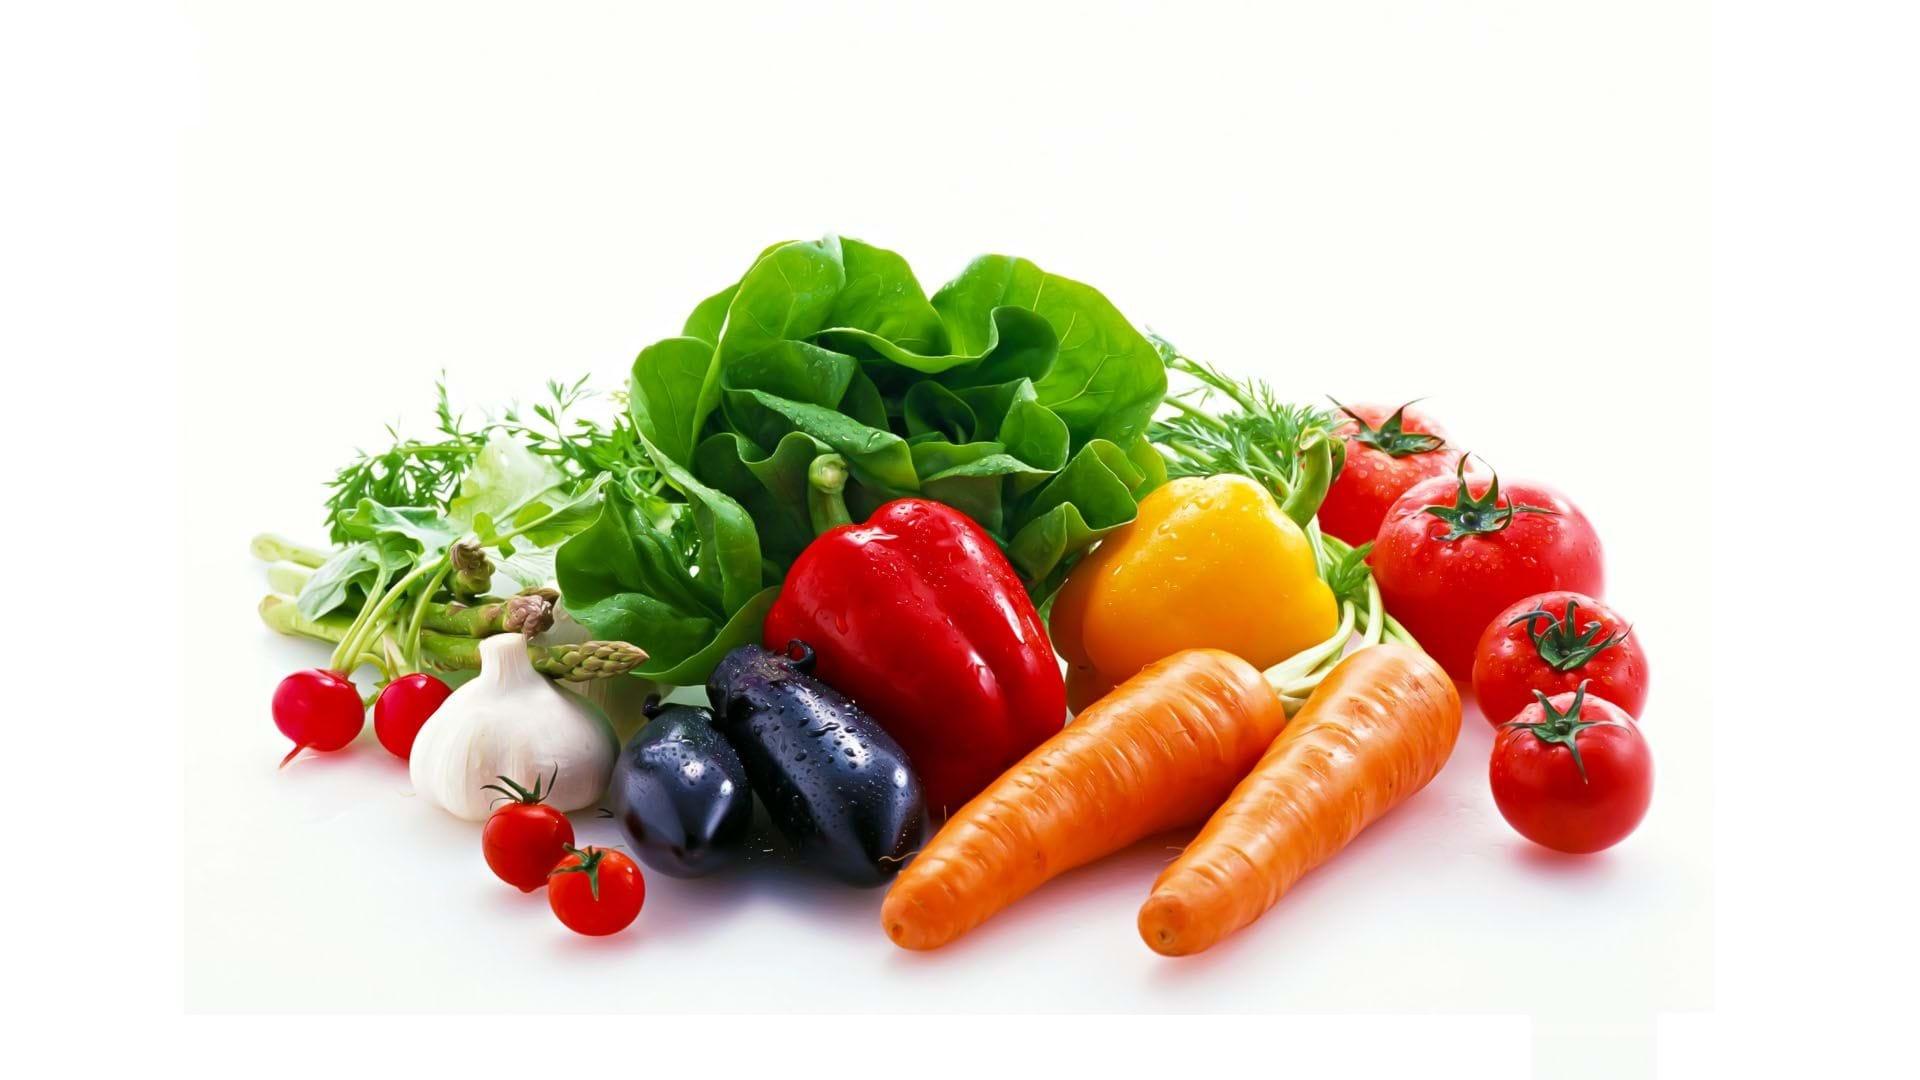 Chế độ ăn uống khoa học và lành mạnh giúp kiểm soát bệnh hiệu quả